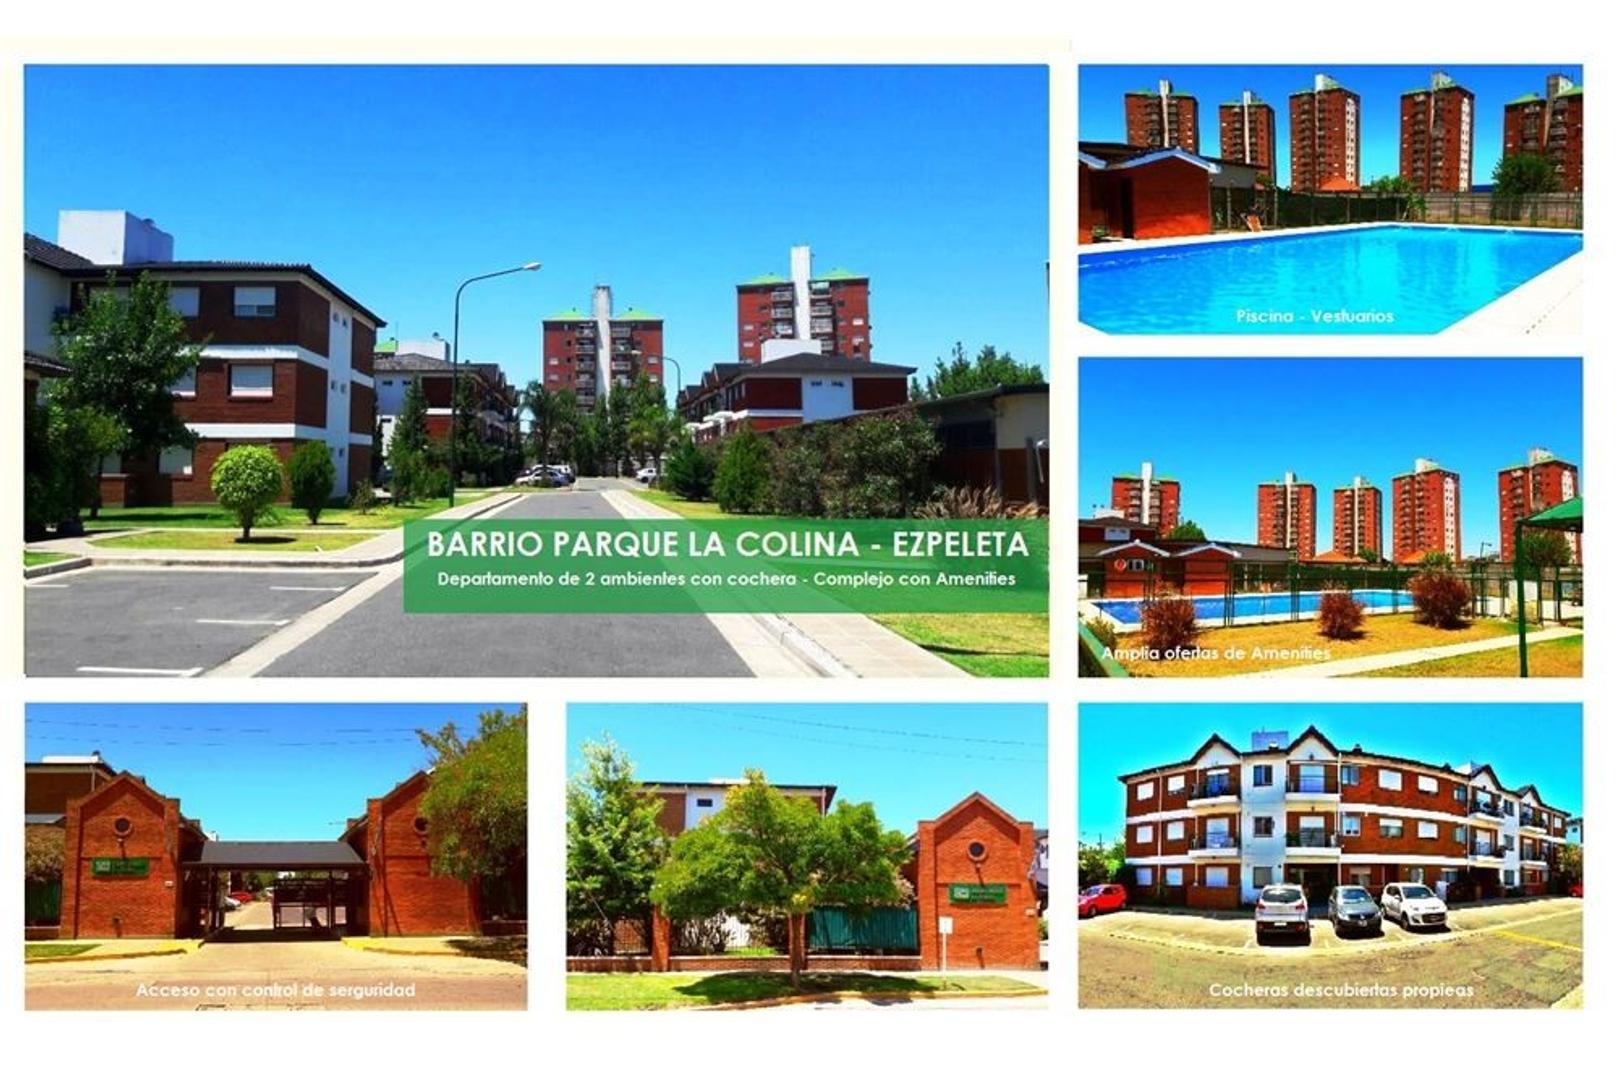 Barrio Parque La Colina - Departamento 2 ambientes